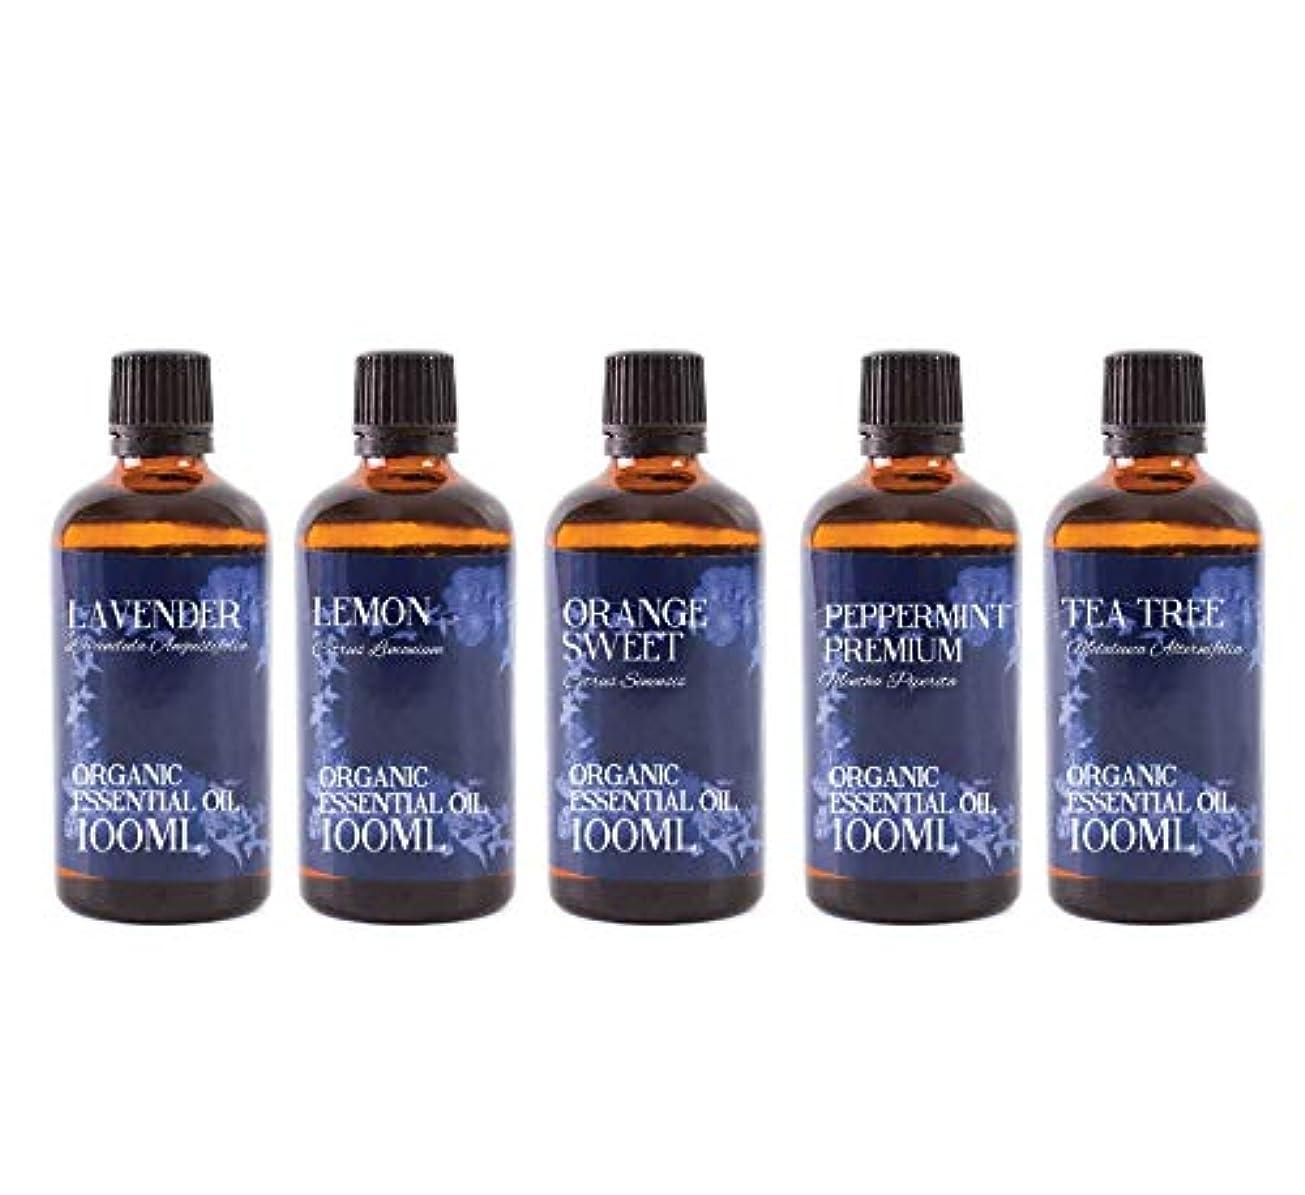 業界変換する原始的なMystic Moments | Organic Essential Oil Starter Pack - Favourite Oils - 5 x 100ml - 100% Pure